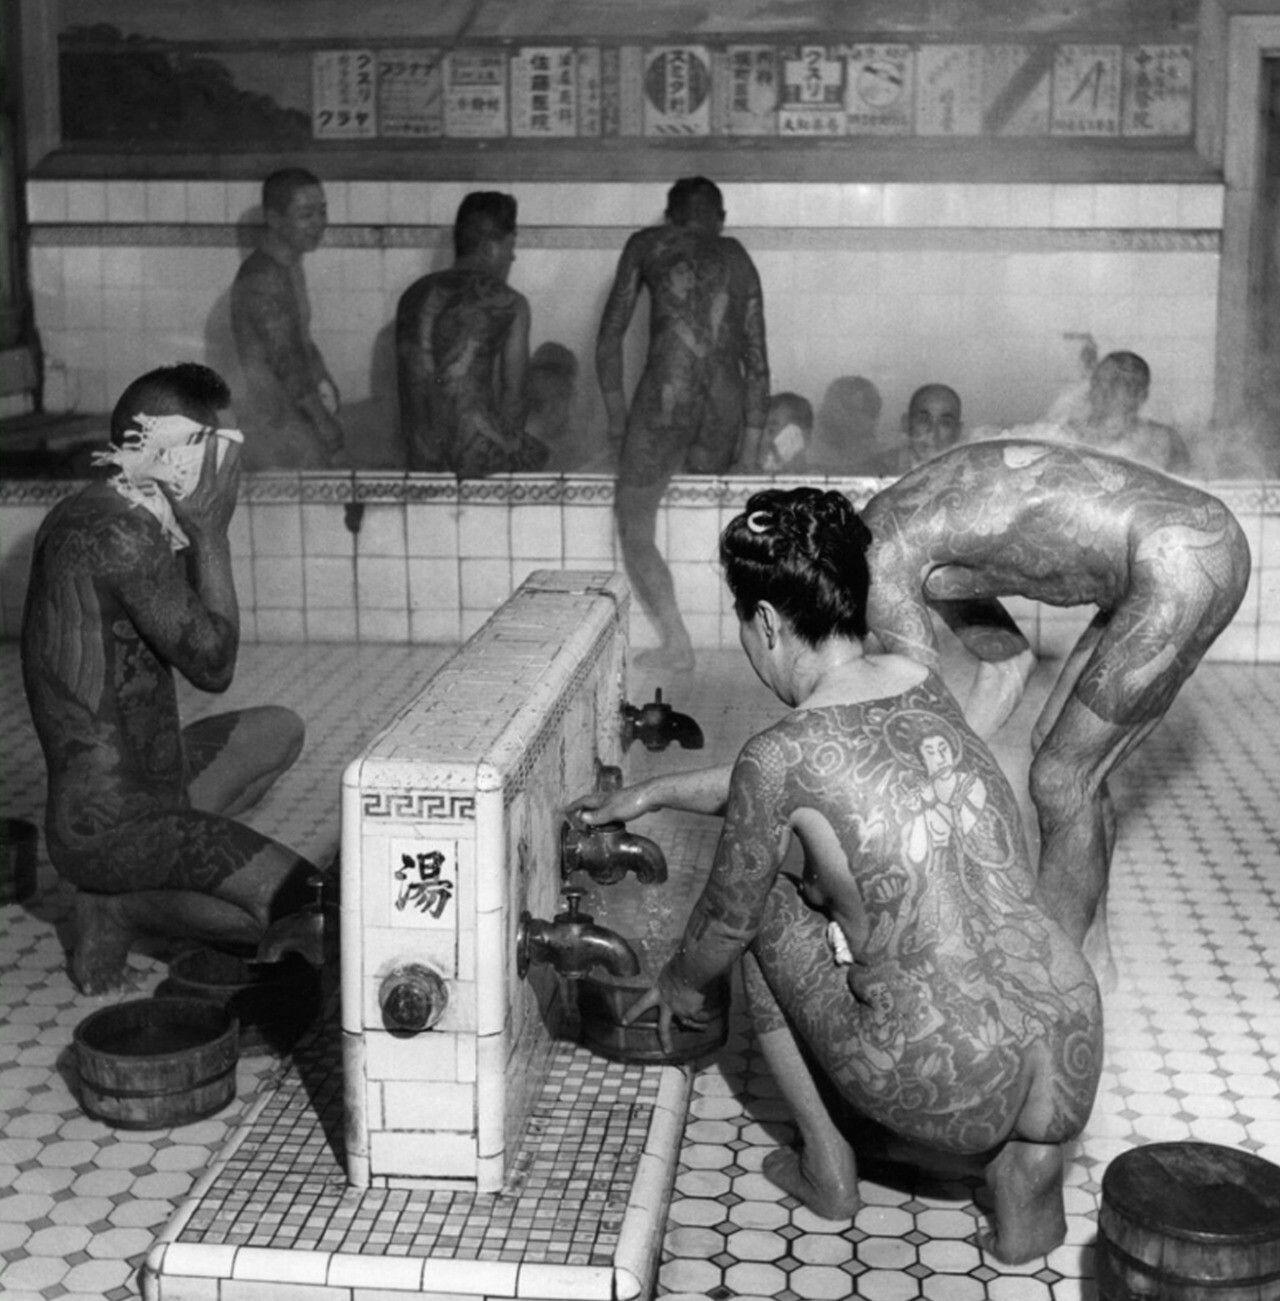 Unisex public bath house japan, nepali girl sex xxx images videos